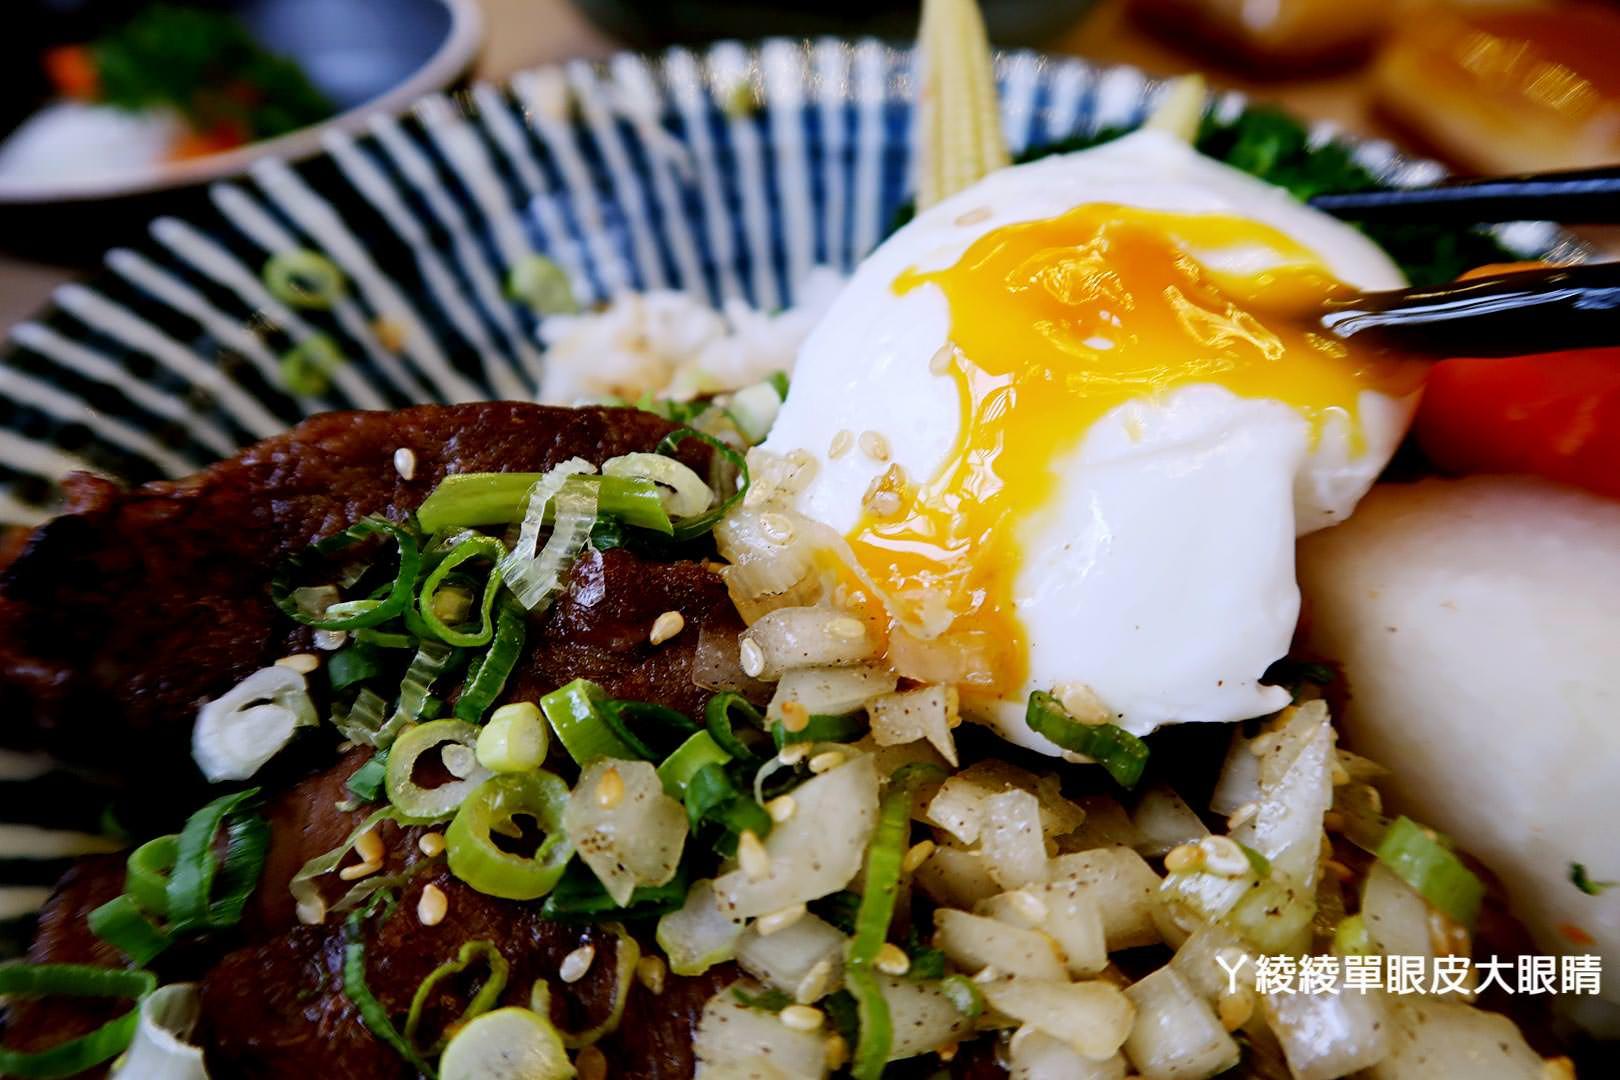 新竹燒烤推薦 金山街義式餐廳 義燒肉 YOSHI 商業午餐推出地表最強燒肉丼飯